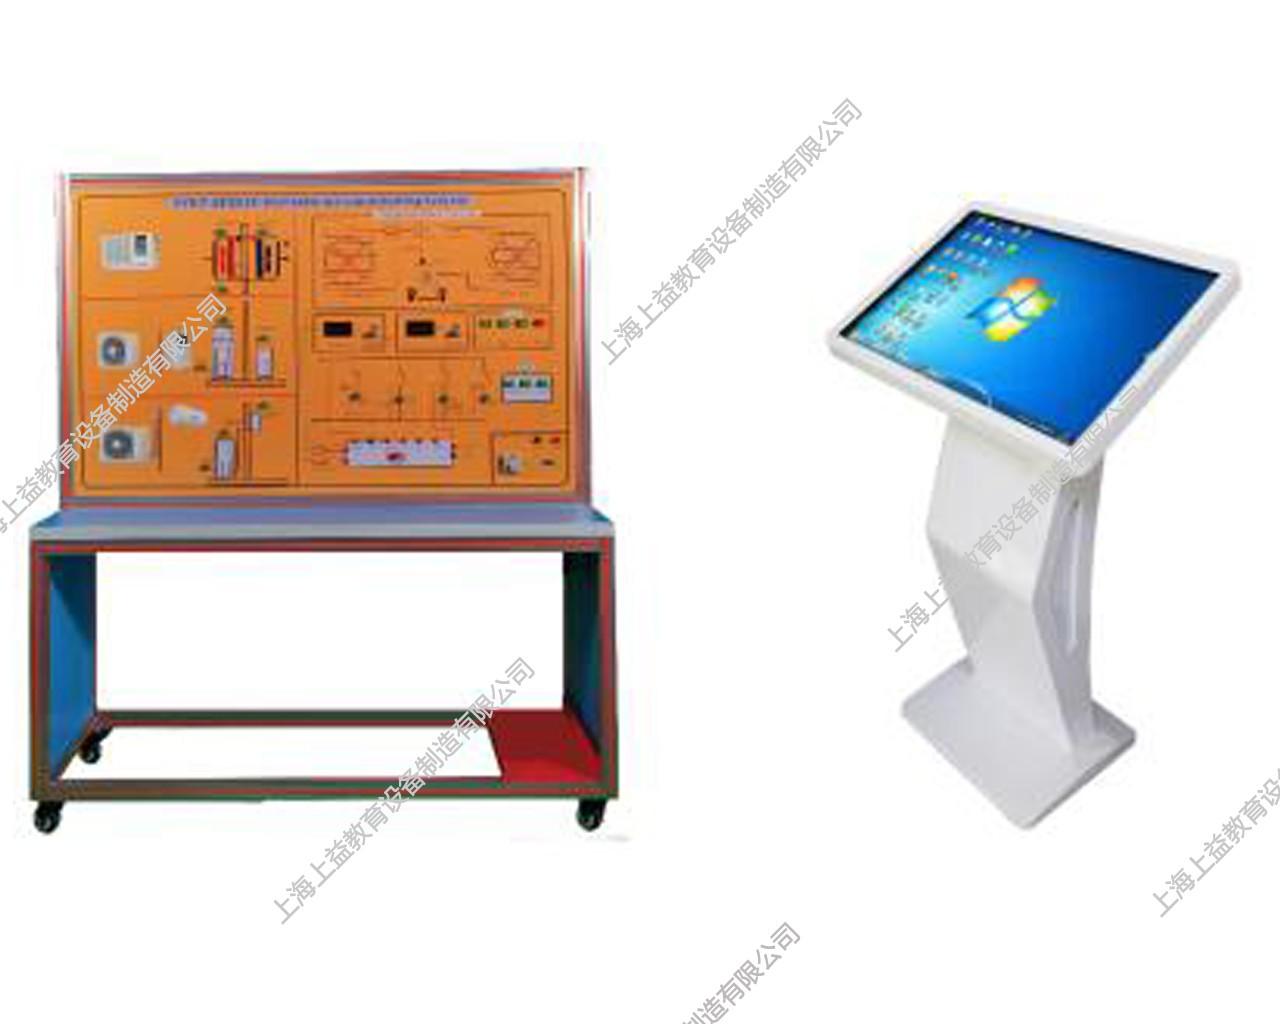 SYKT-SFZ01F型 家用空调系统(包括软件)